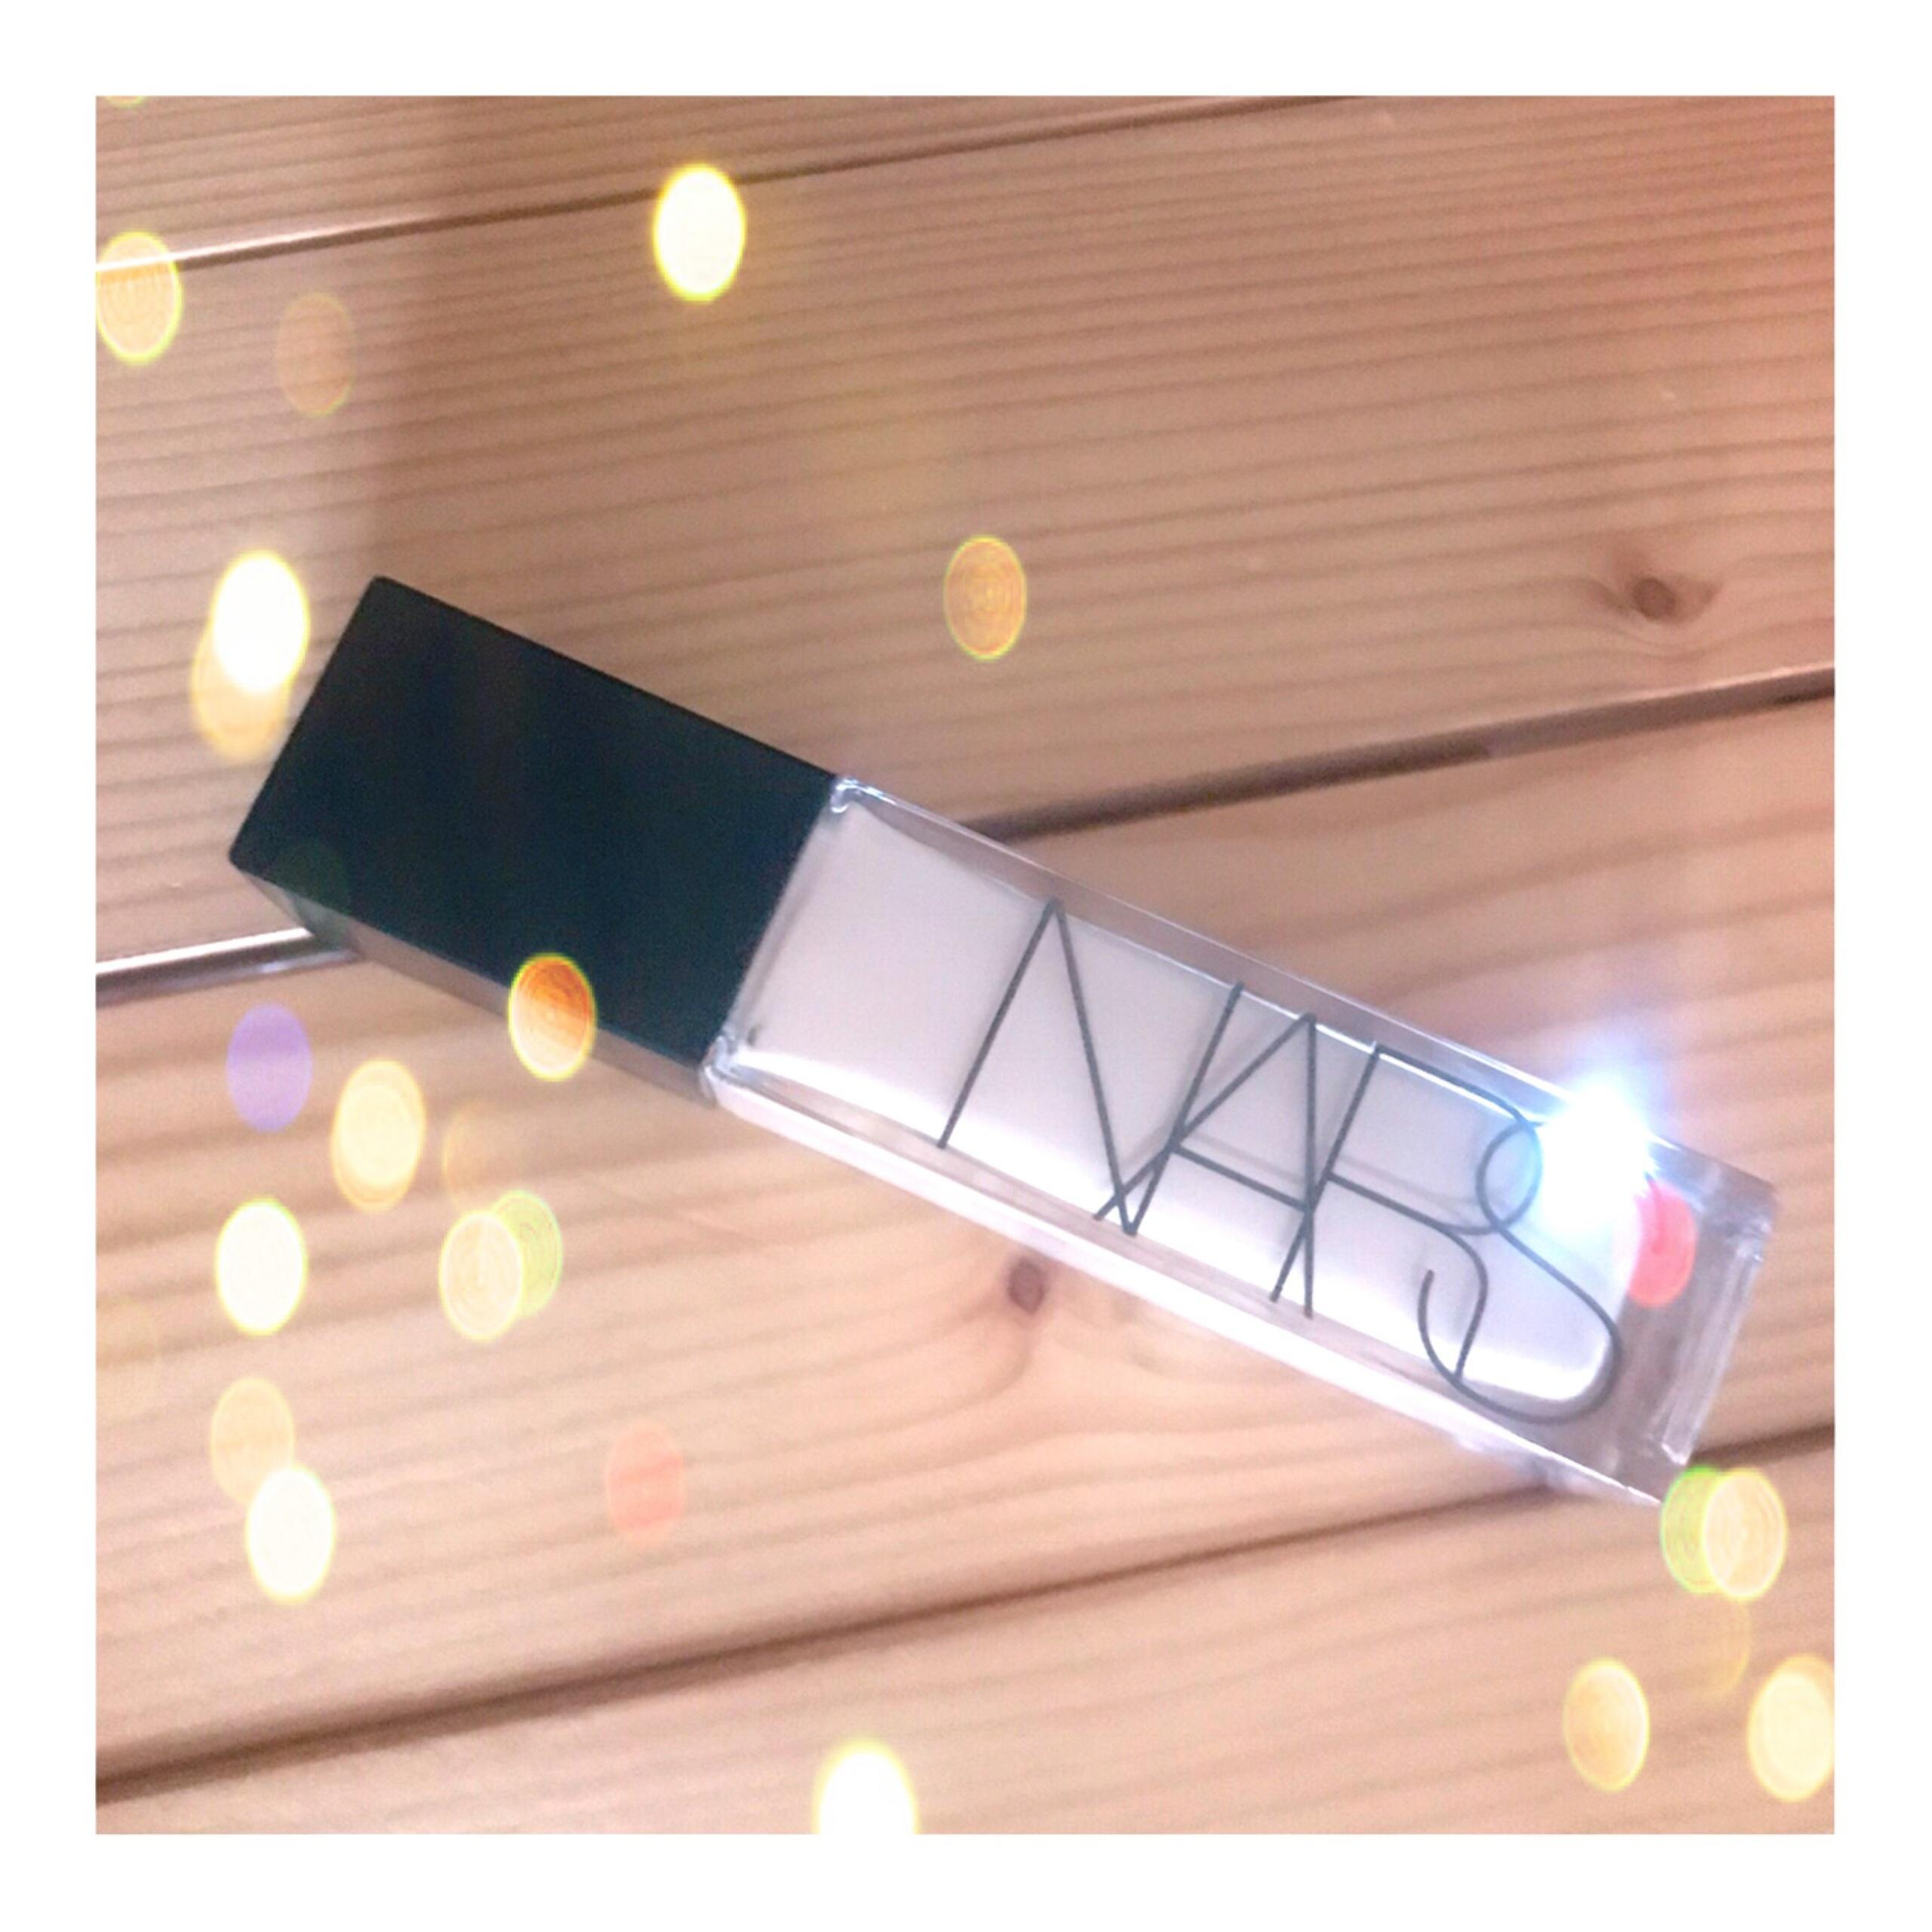 【コスメ】NARSの新作ファンデを購入!これがとっっても良いんです♡使用感を大公開!_1